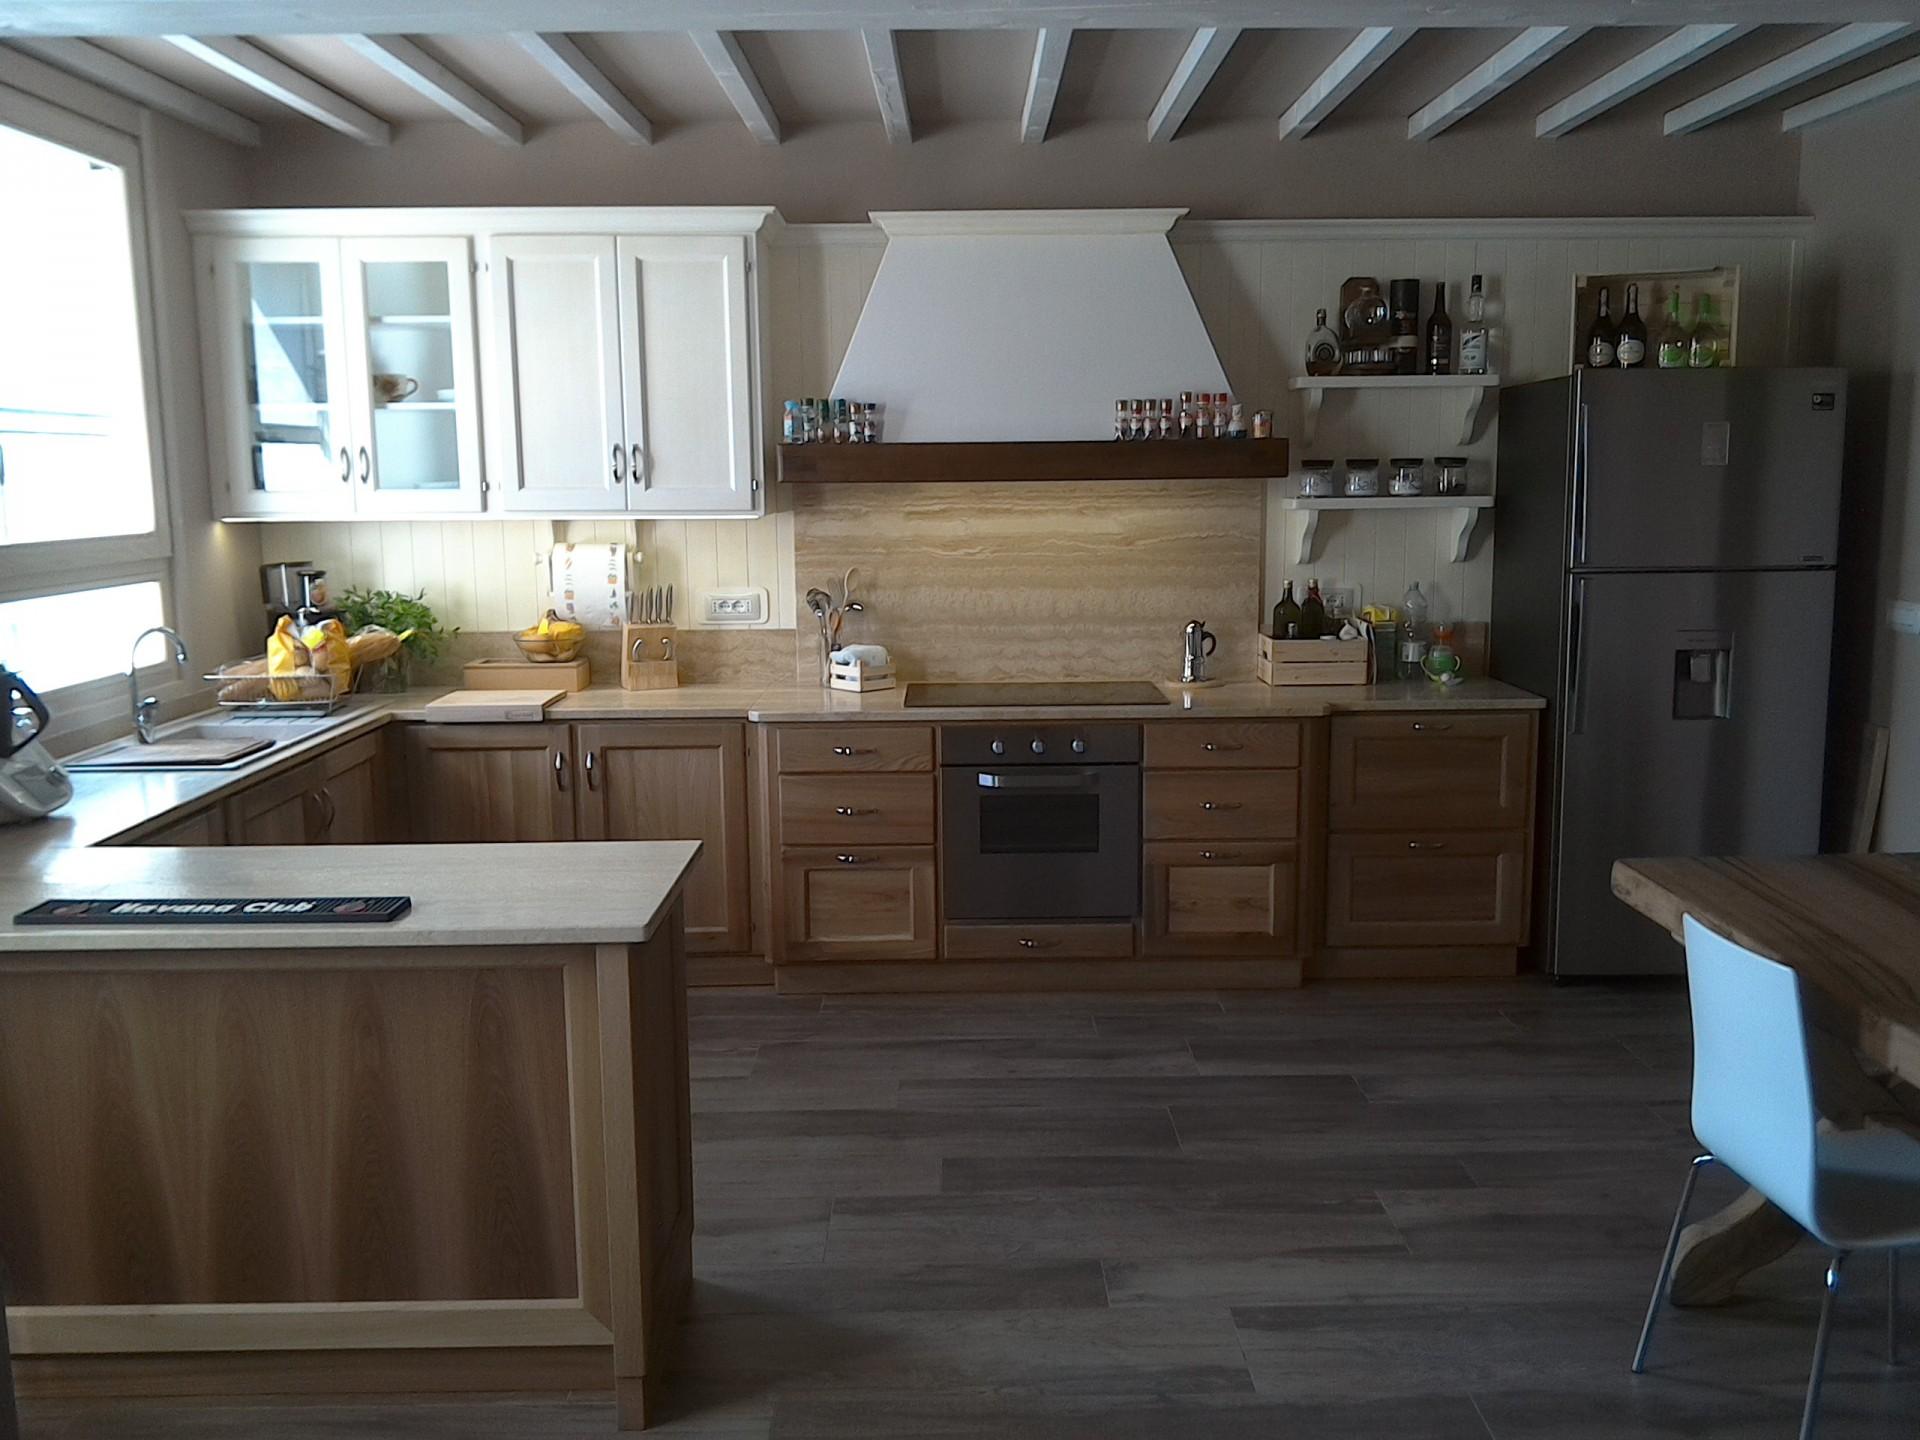 Cucina in legno di olmo fadini mobili cerea verona - Cucina rustica con isola ...